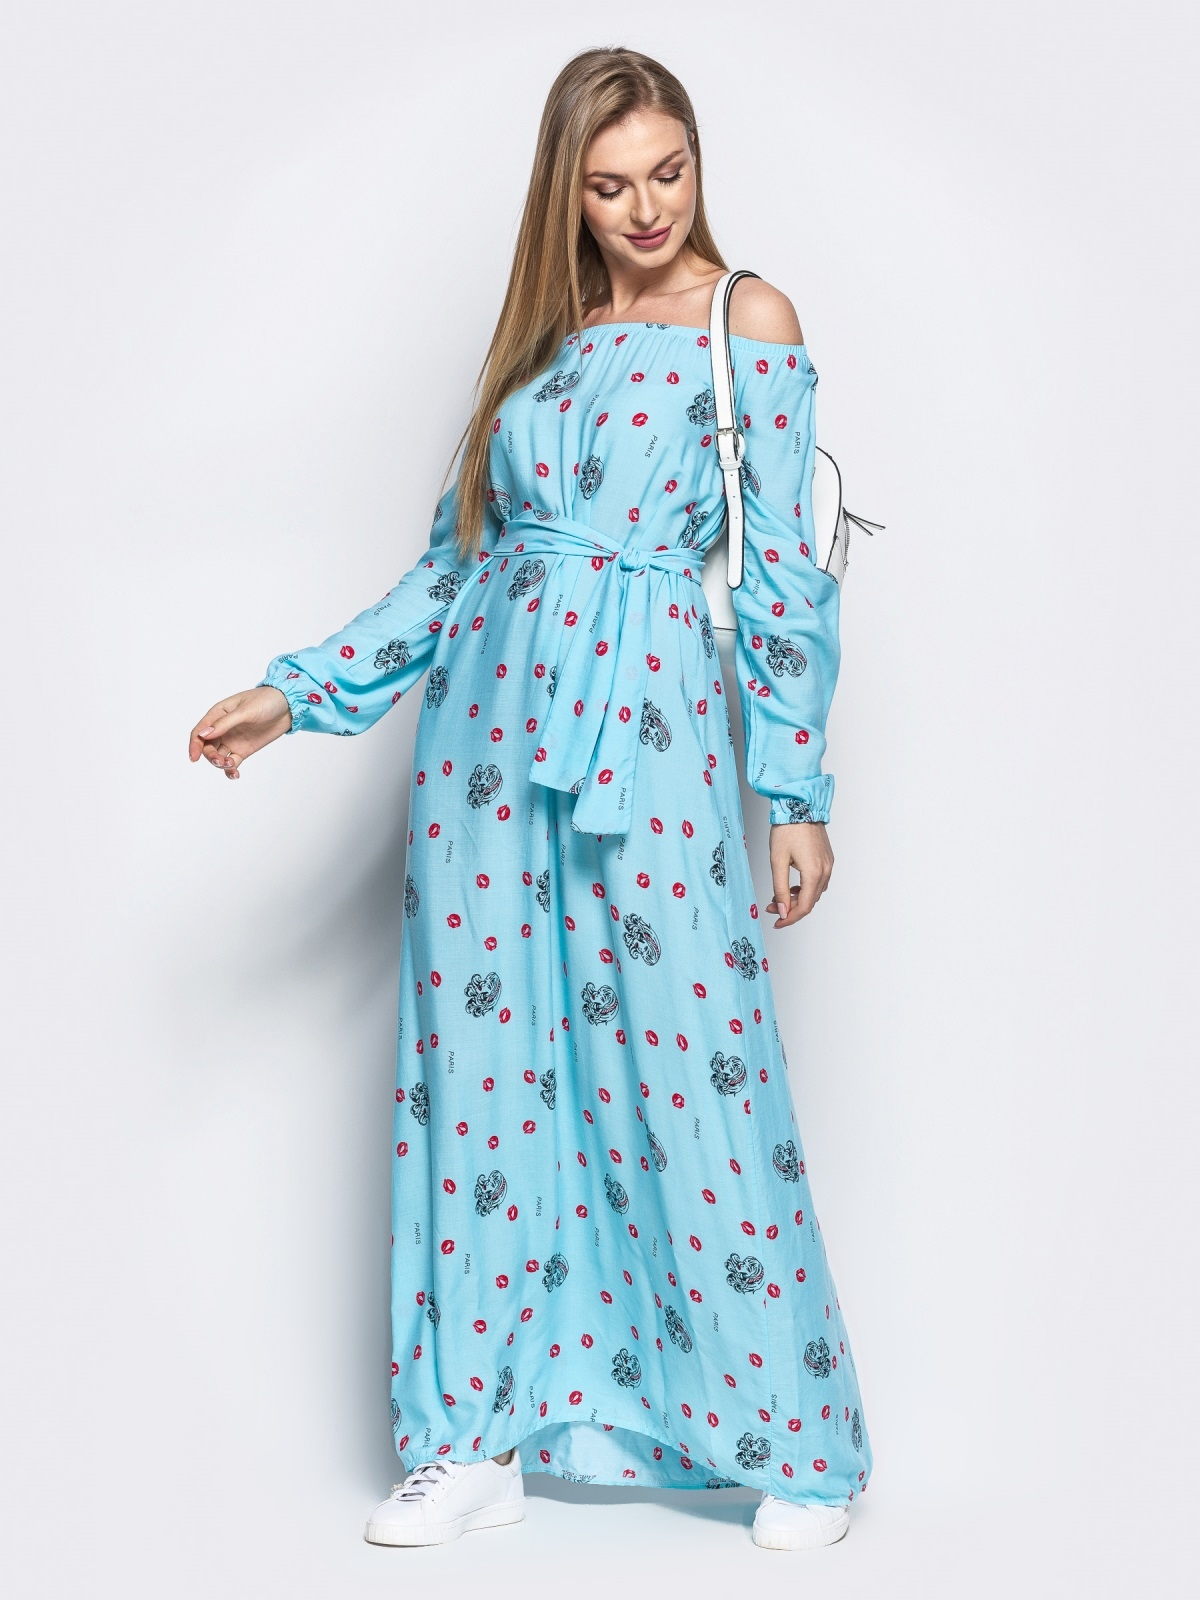 Платье-трапеция с принтом и открытыми плечами голубое - 21919, фото 1 – интернет-магазин Dressa